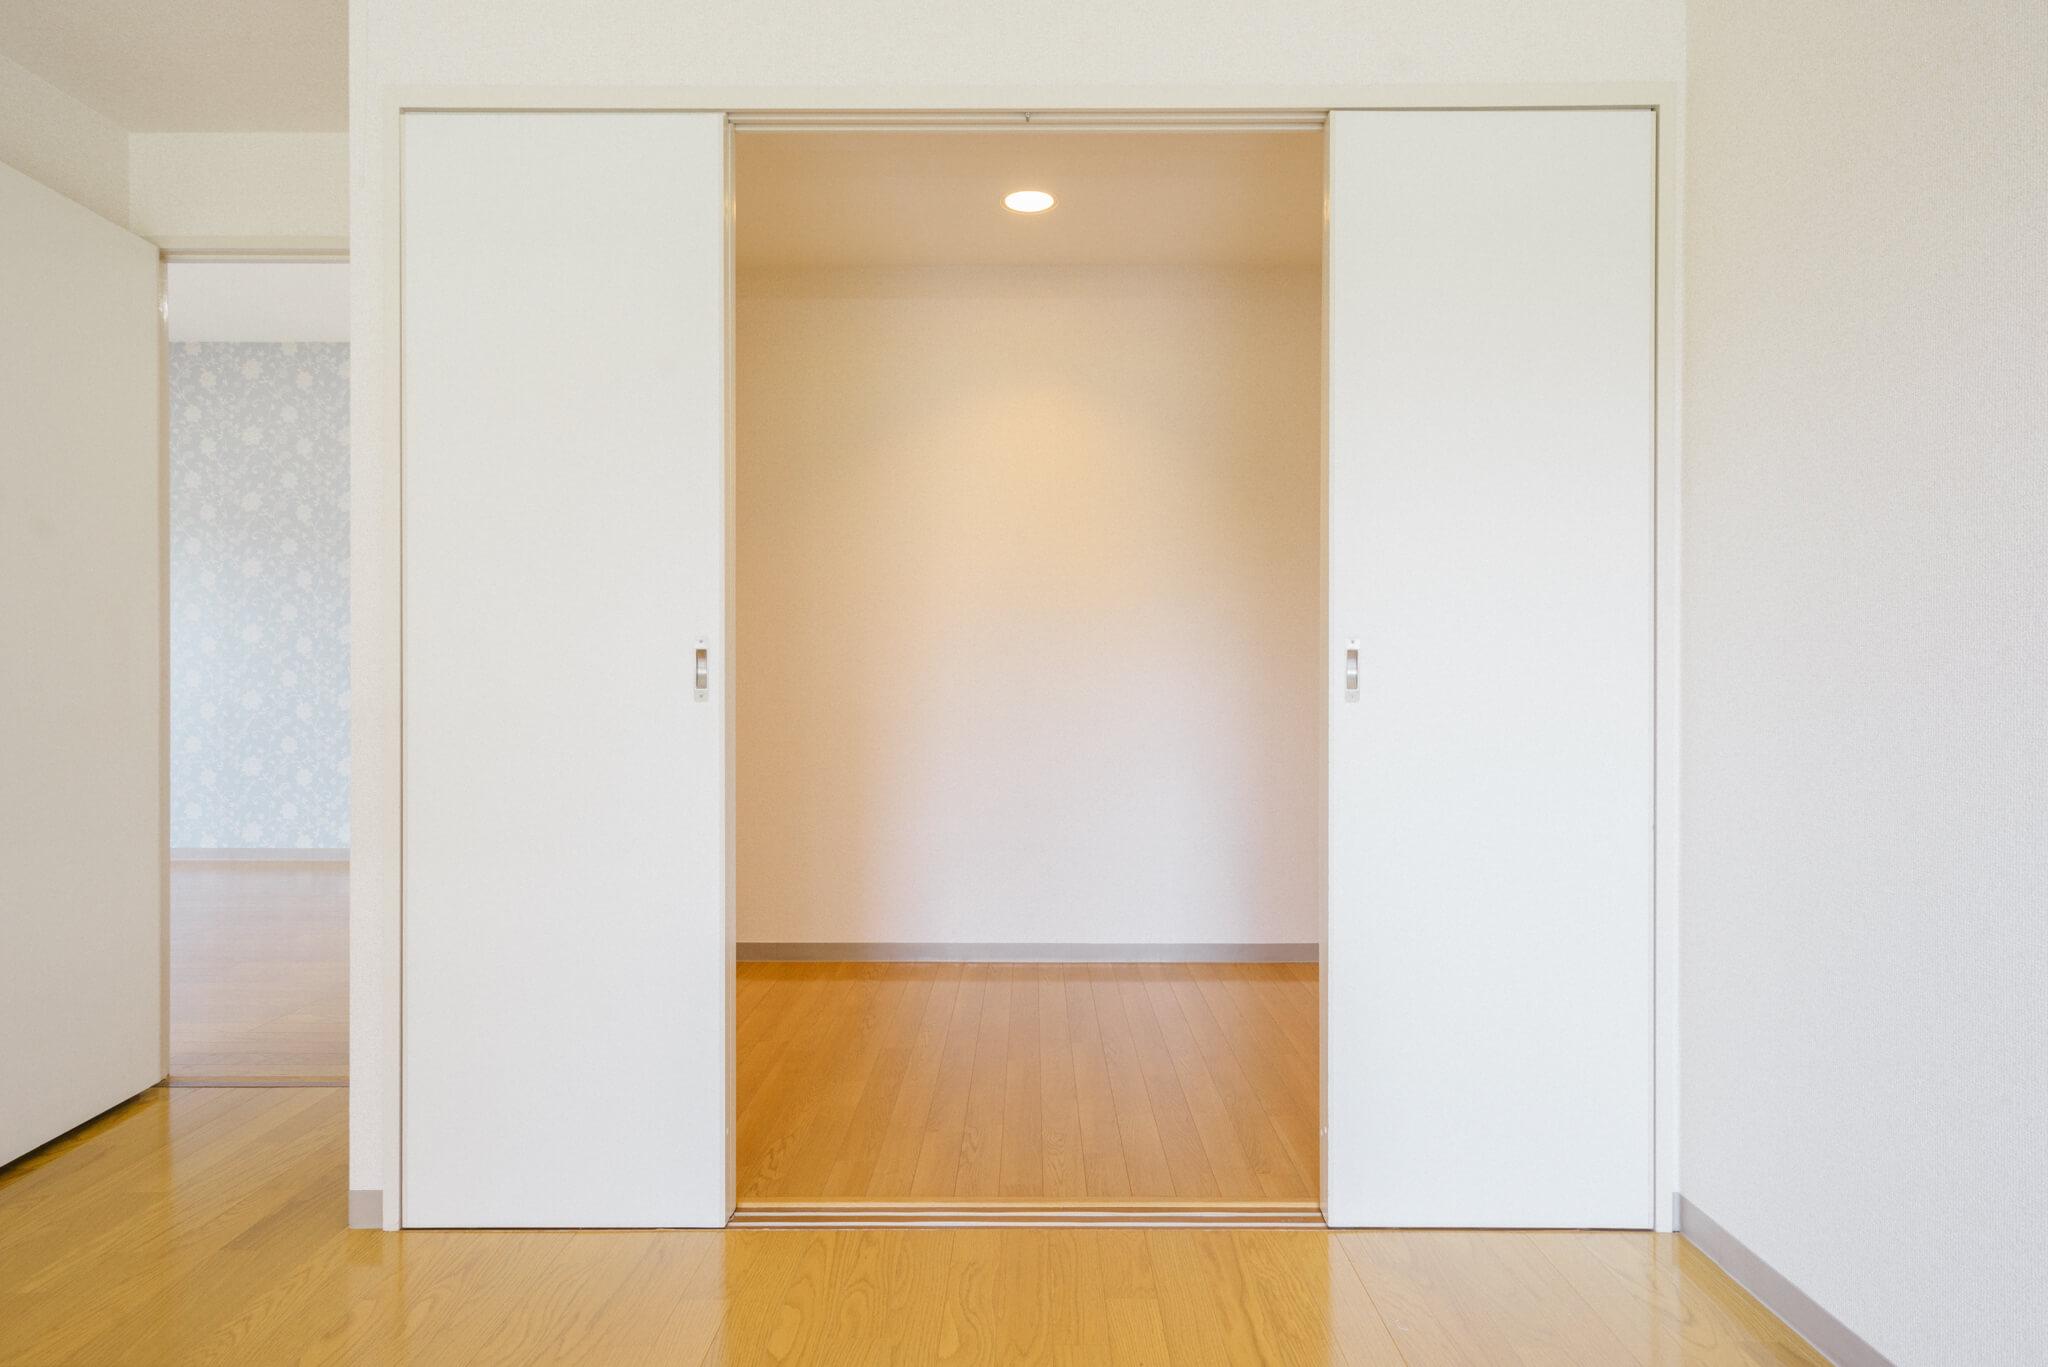 南側の洋室には、もう一部屋あるのかと思うような広いクローゼットが!これはすごい。